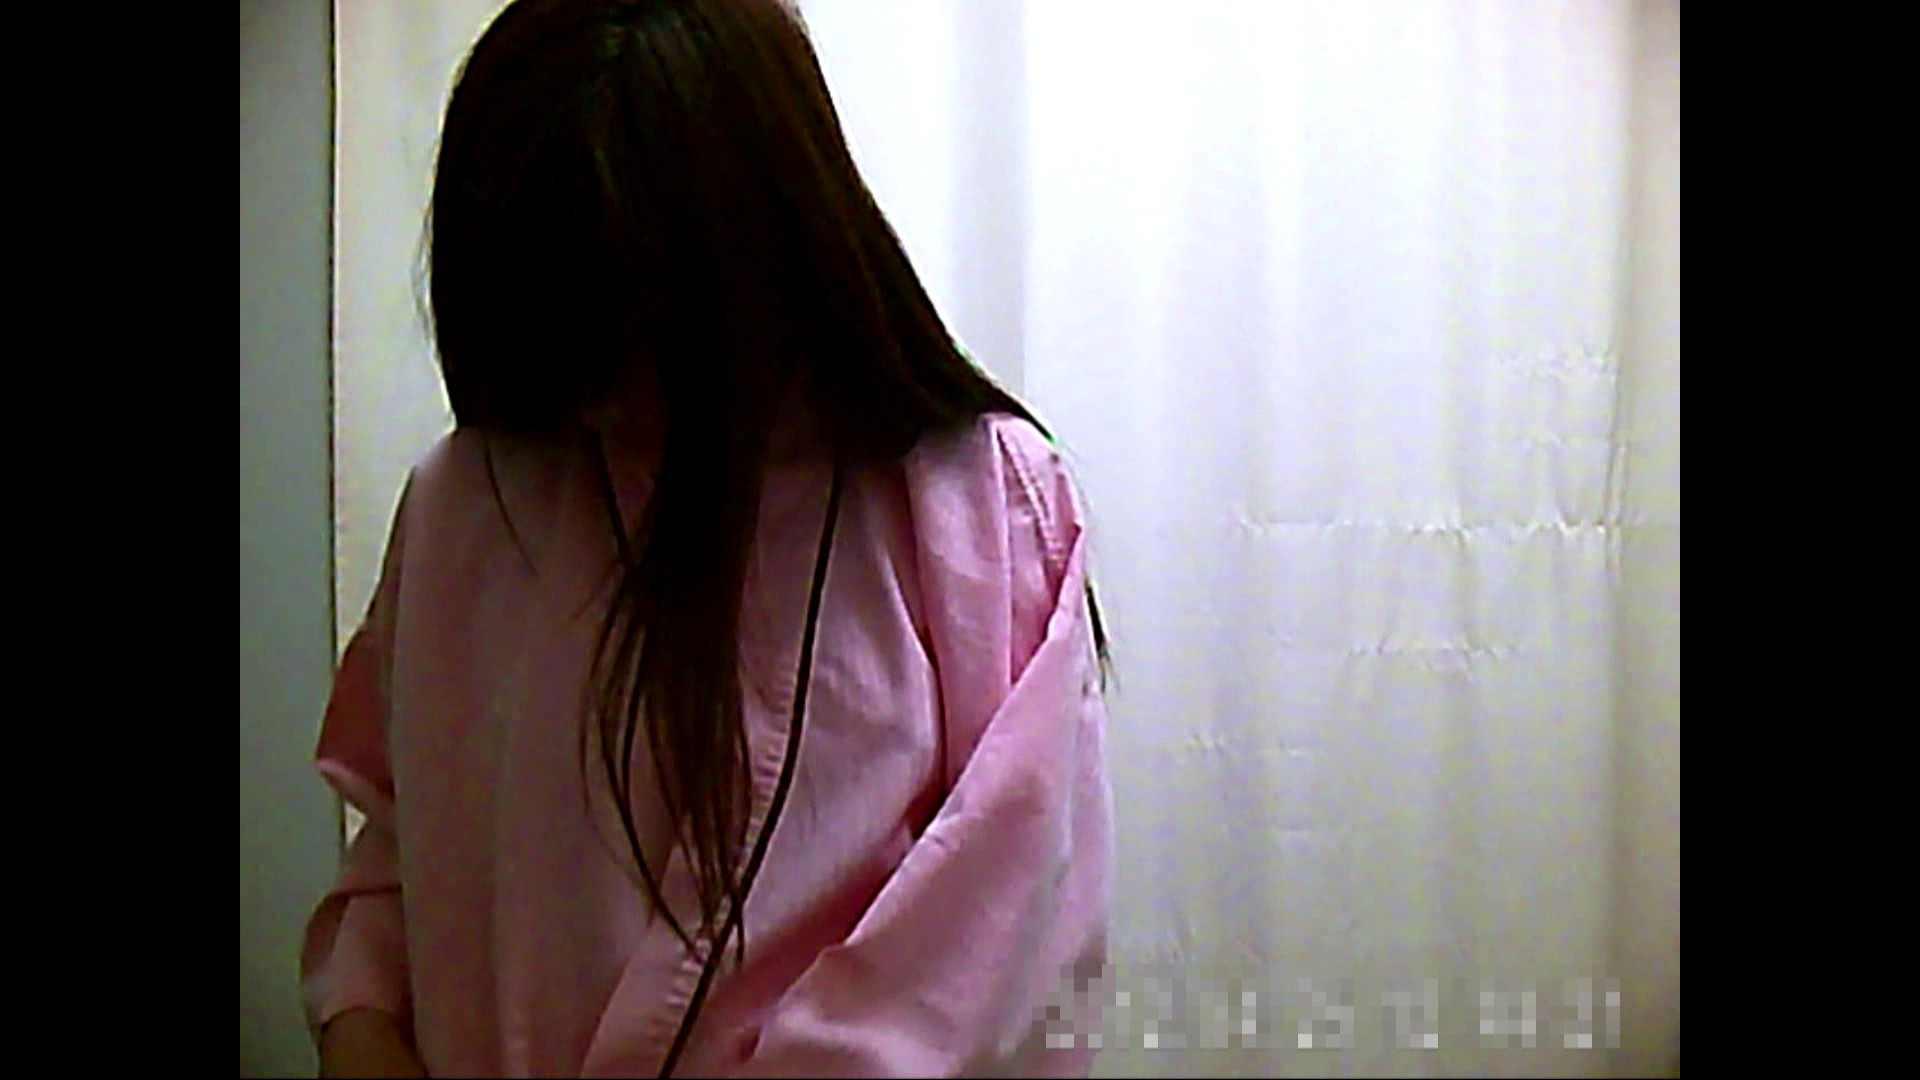 元医者による反抗 更衣室地獄絵巻 vol.010 ギャル  97PIX 9